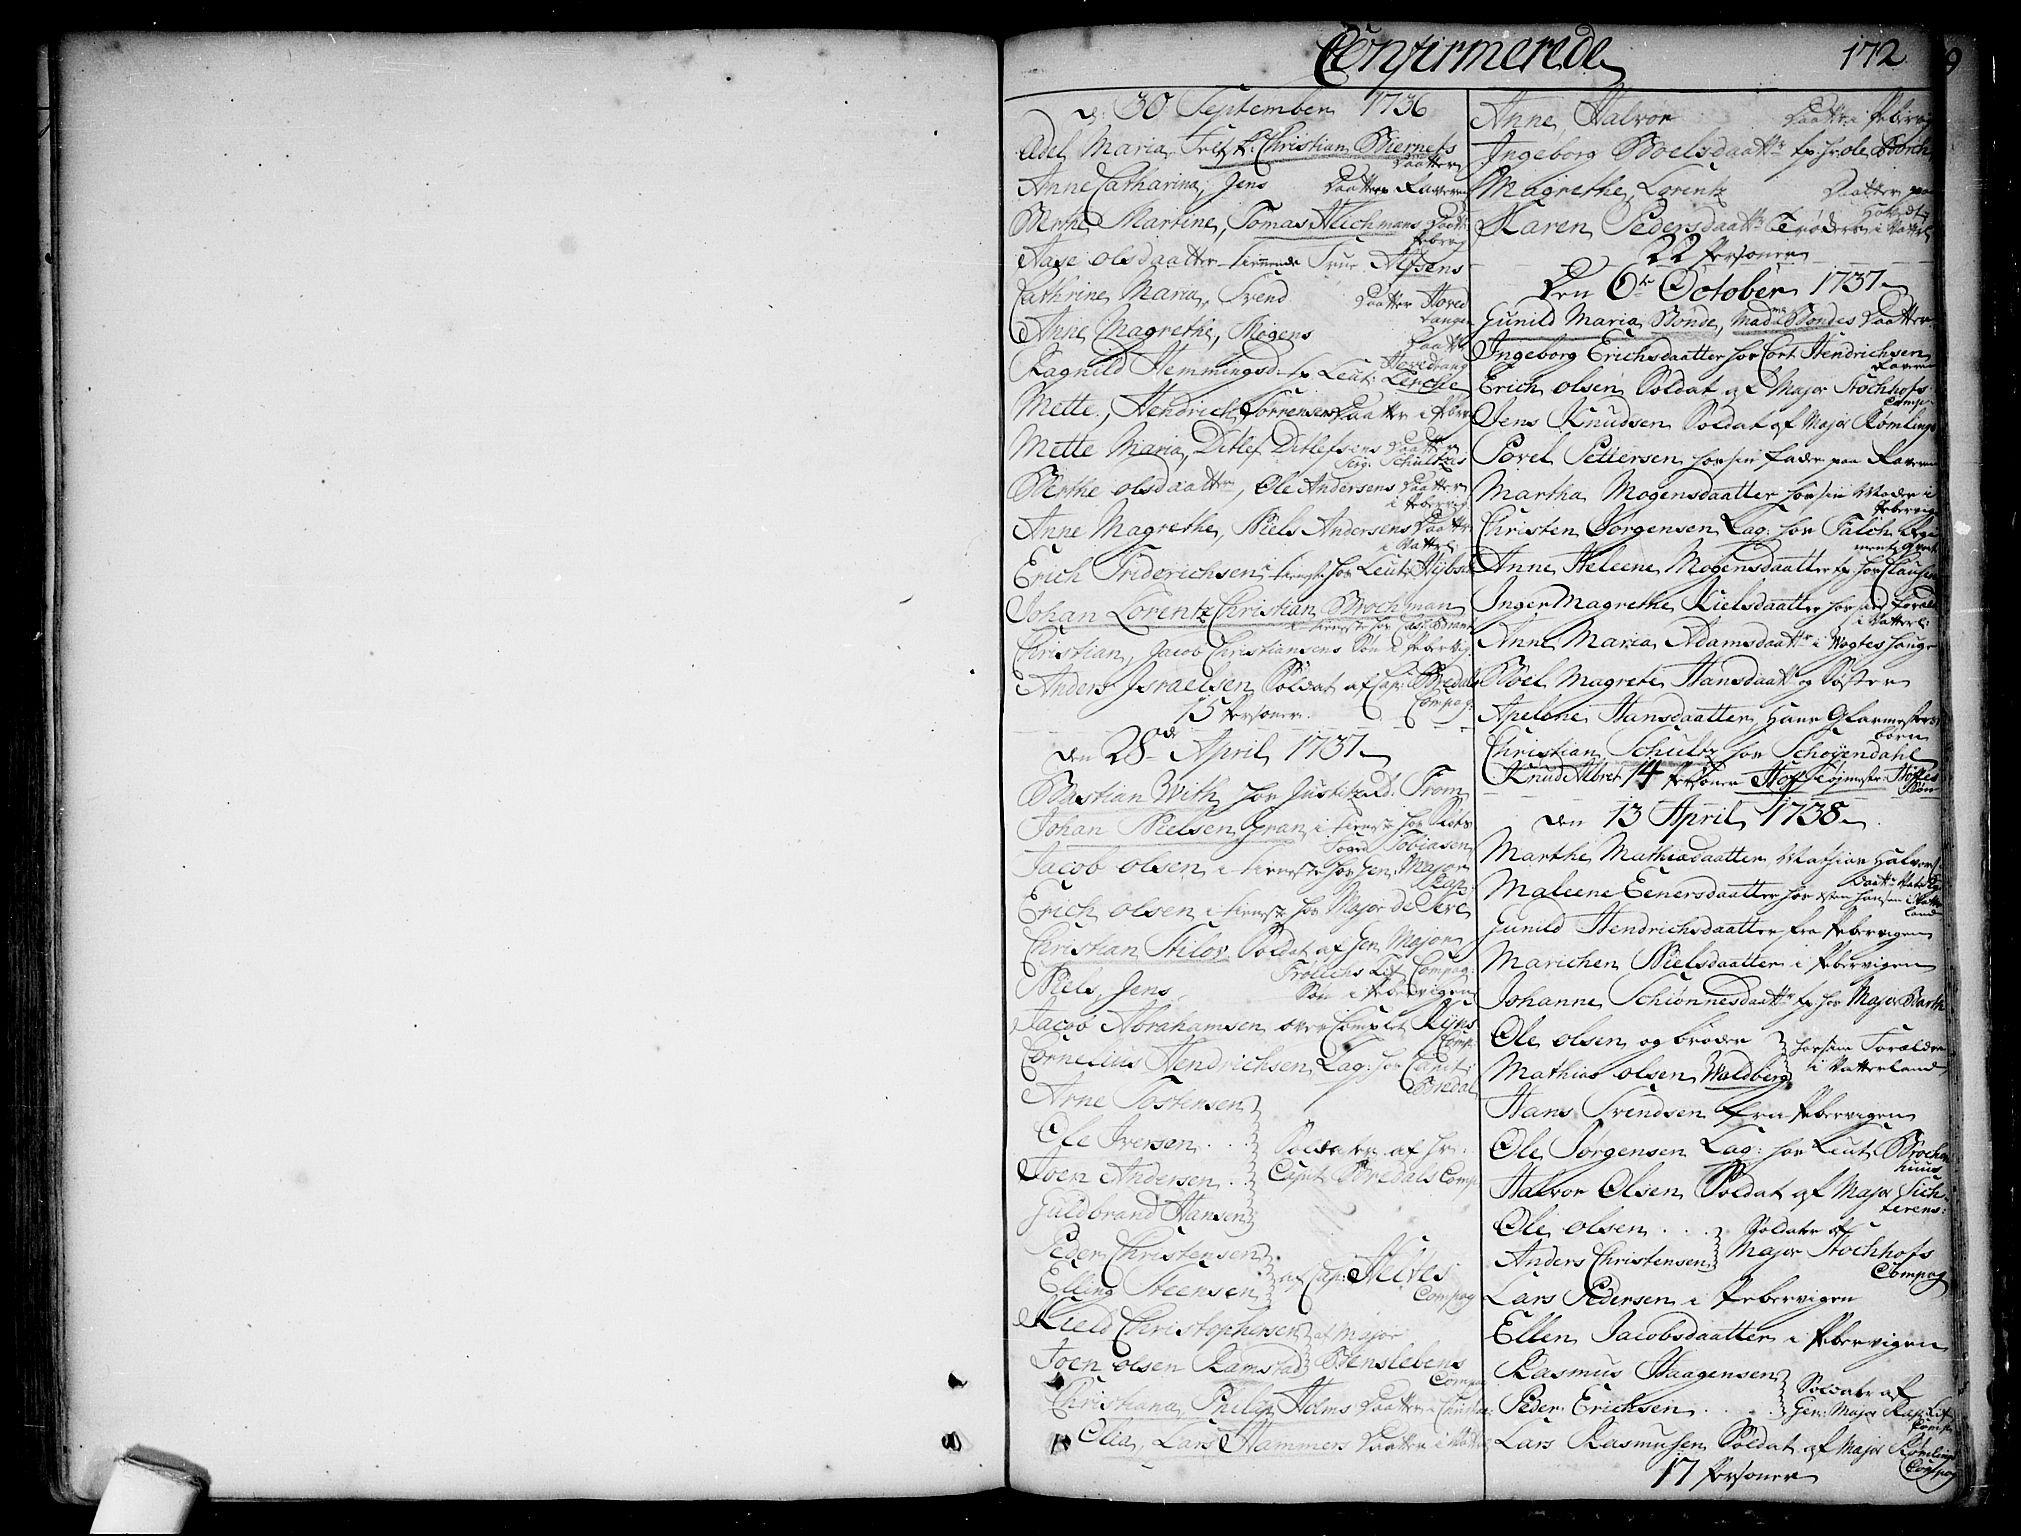 SAO, Garnisonsmenigheten Kirkebøker, F/Fa/L0001: Ministerialbok nr. 1, 1734-1756, s. 172